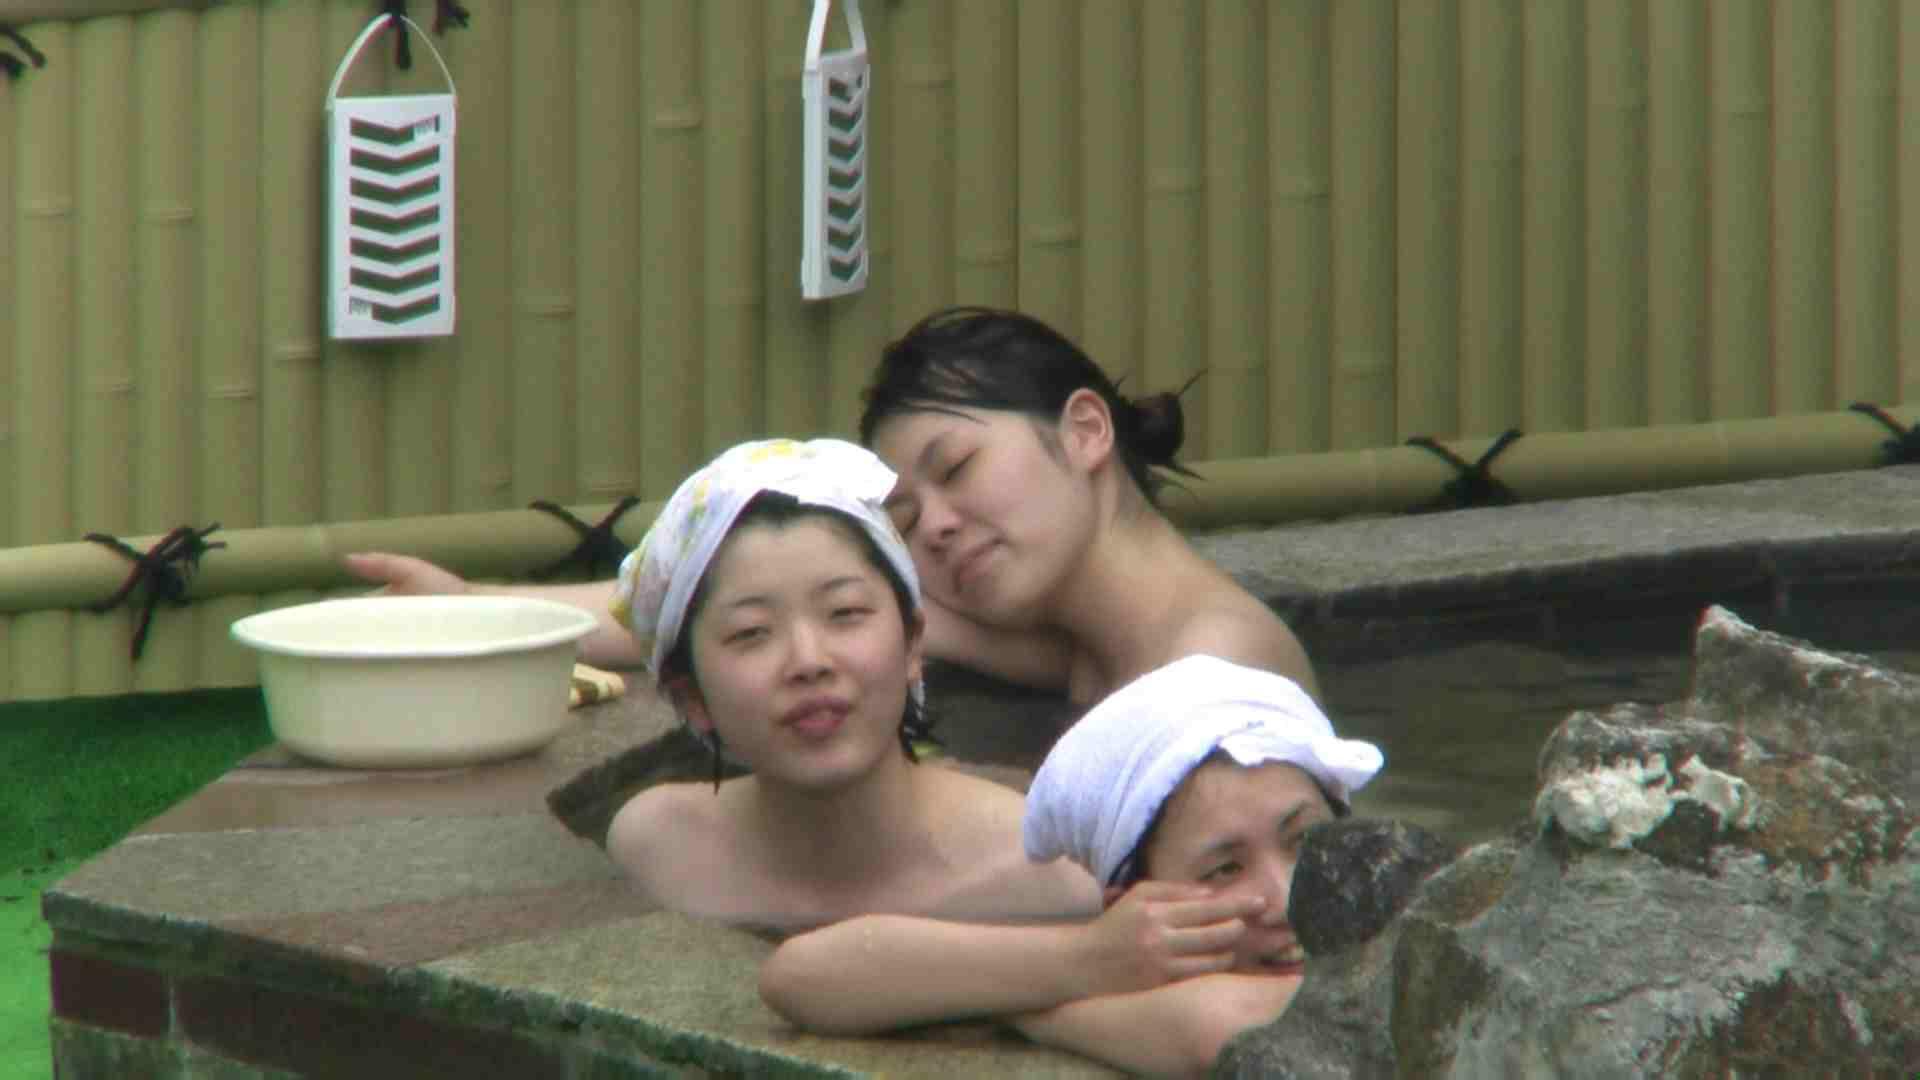 Aquaな露天風呂Vol.65【VIP限定】 盗撮 | 露天  95画像 1